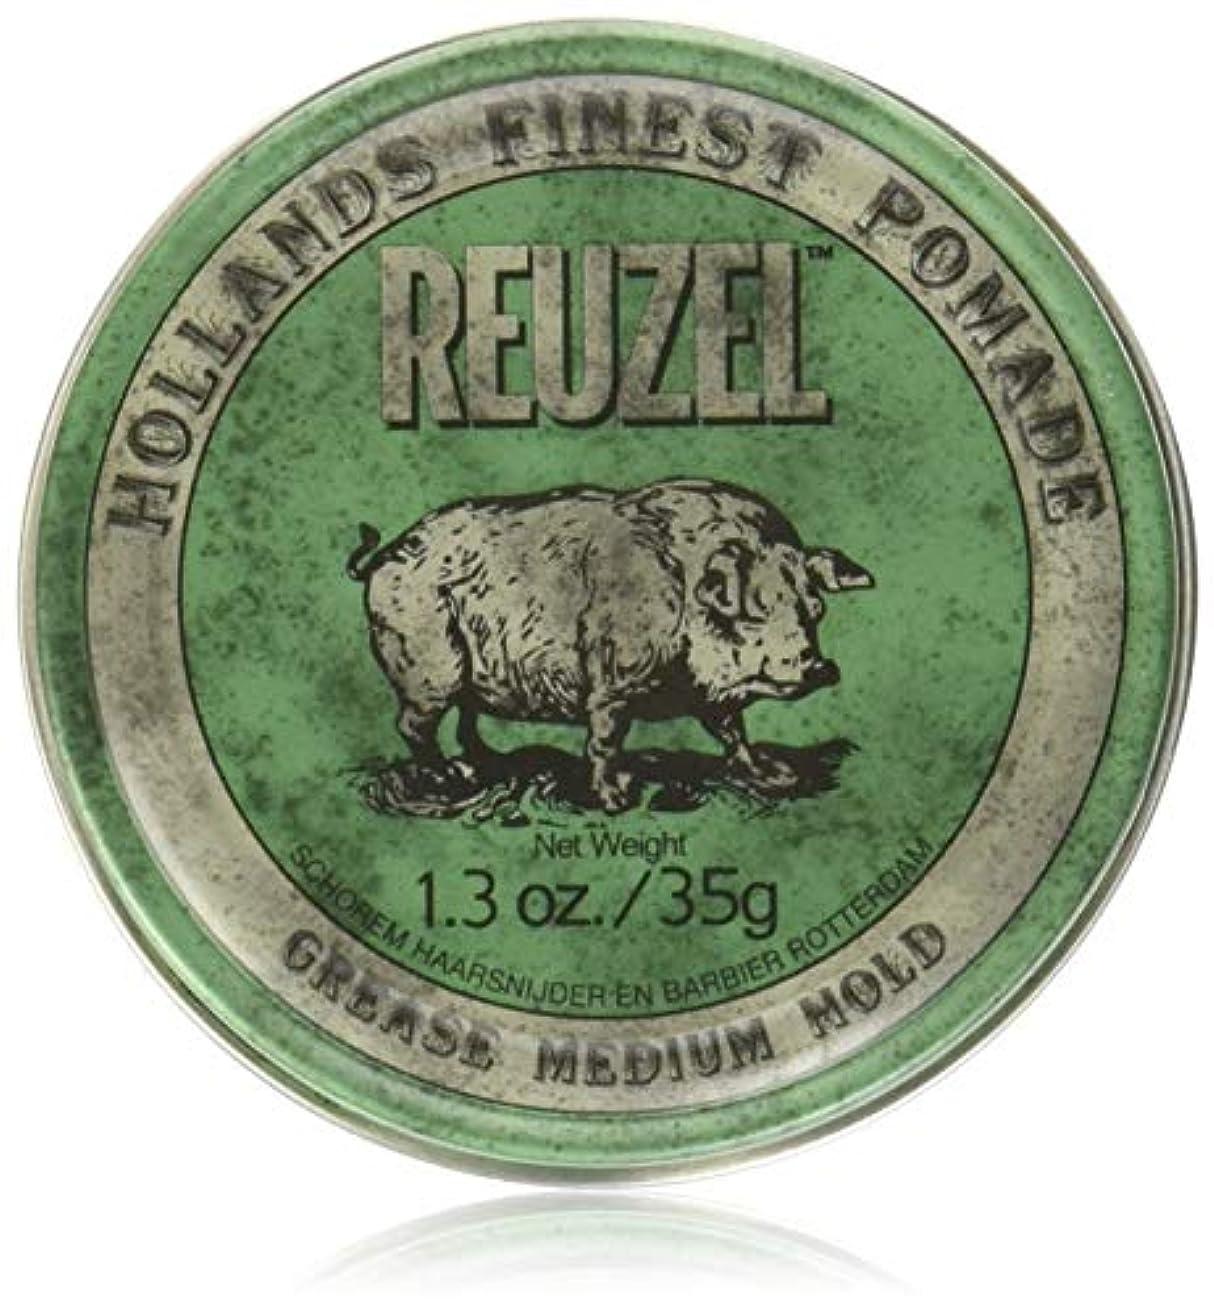 成功する座る廃止REUZEL Grease Hold Hair Styling Pomade Piglet Wax/Gel, Medium, Green, 1.3 oz, 35g by REUZEL